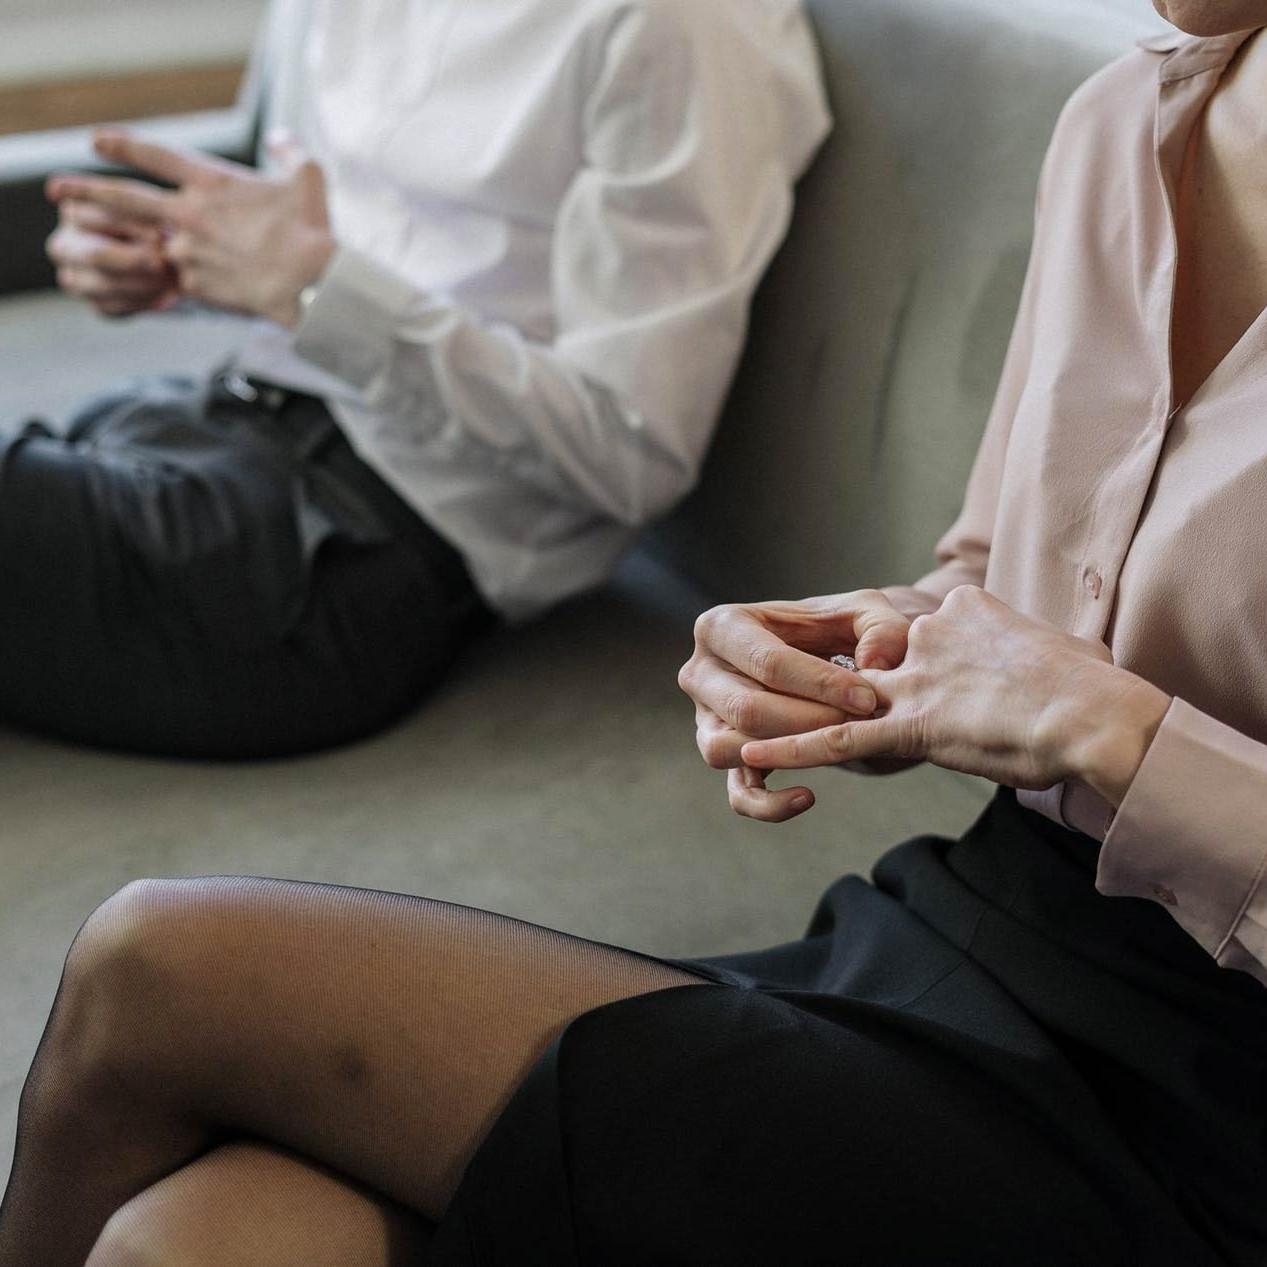 ¿De verdad elegimos a nuestras parejas? Entonces ¿Por qué surgen los conflictos?